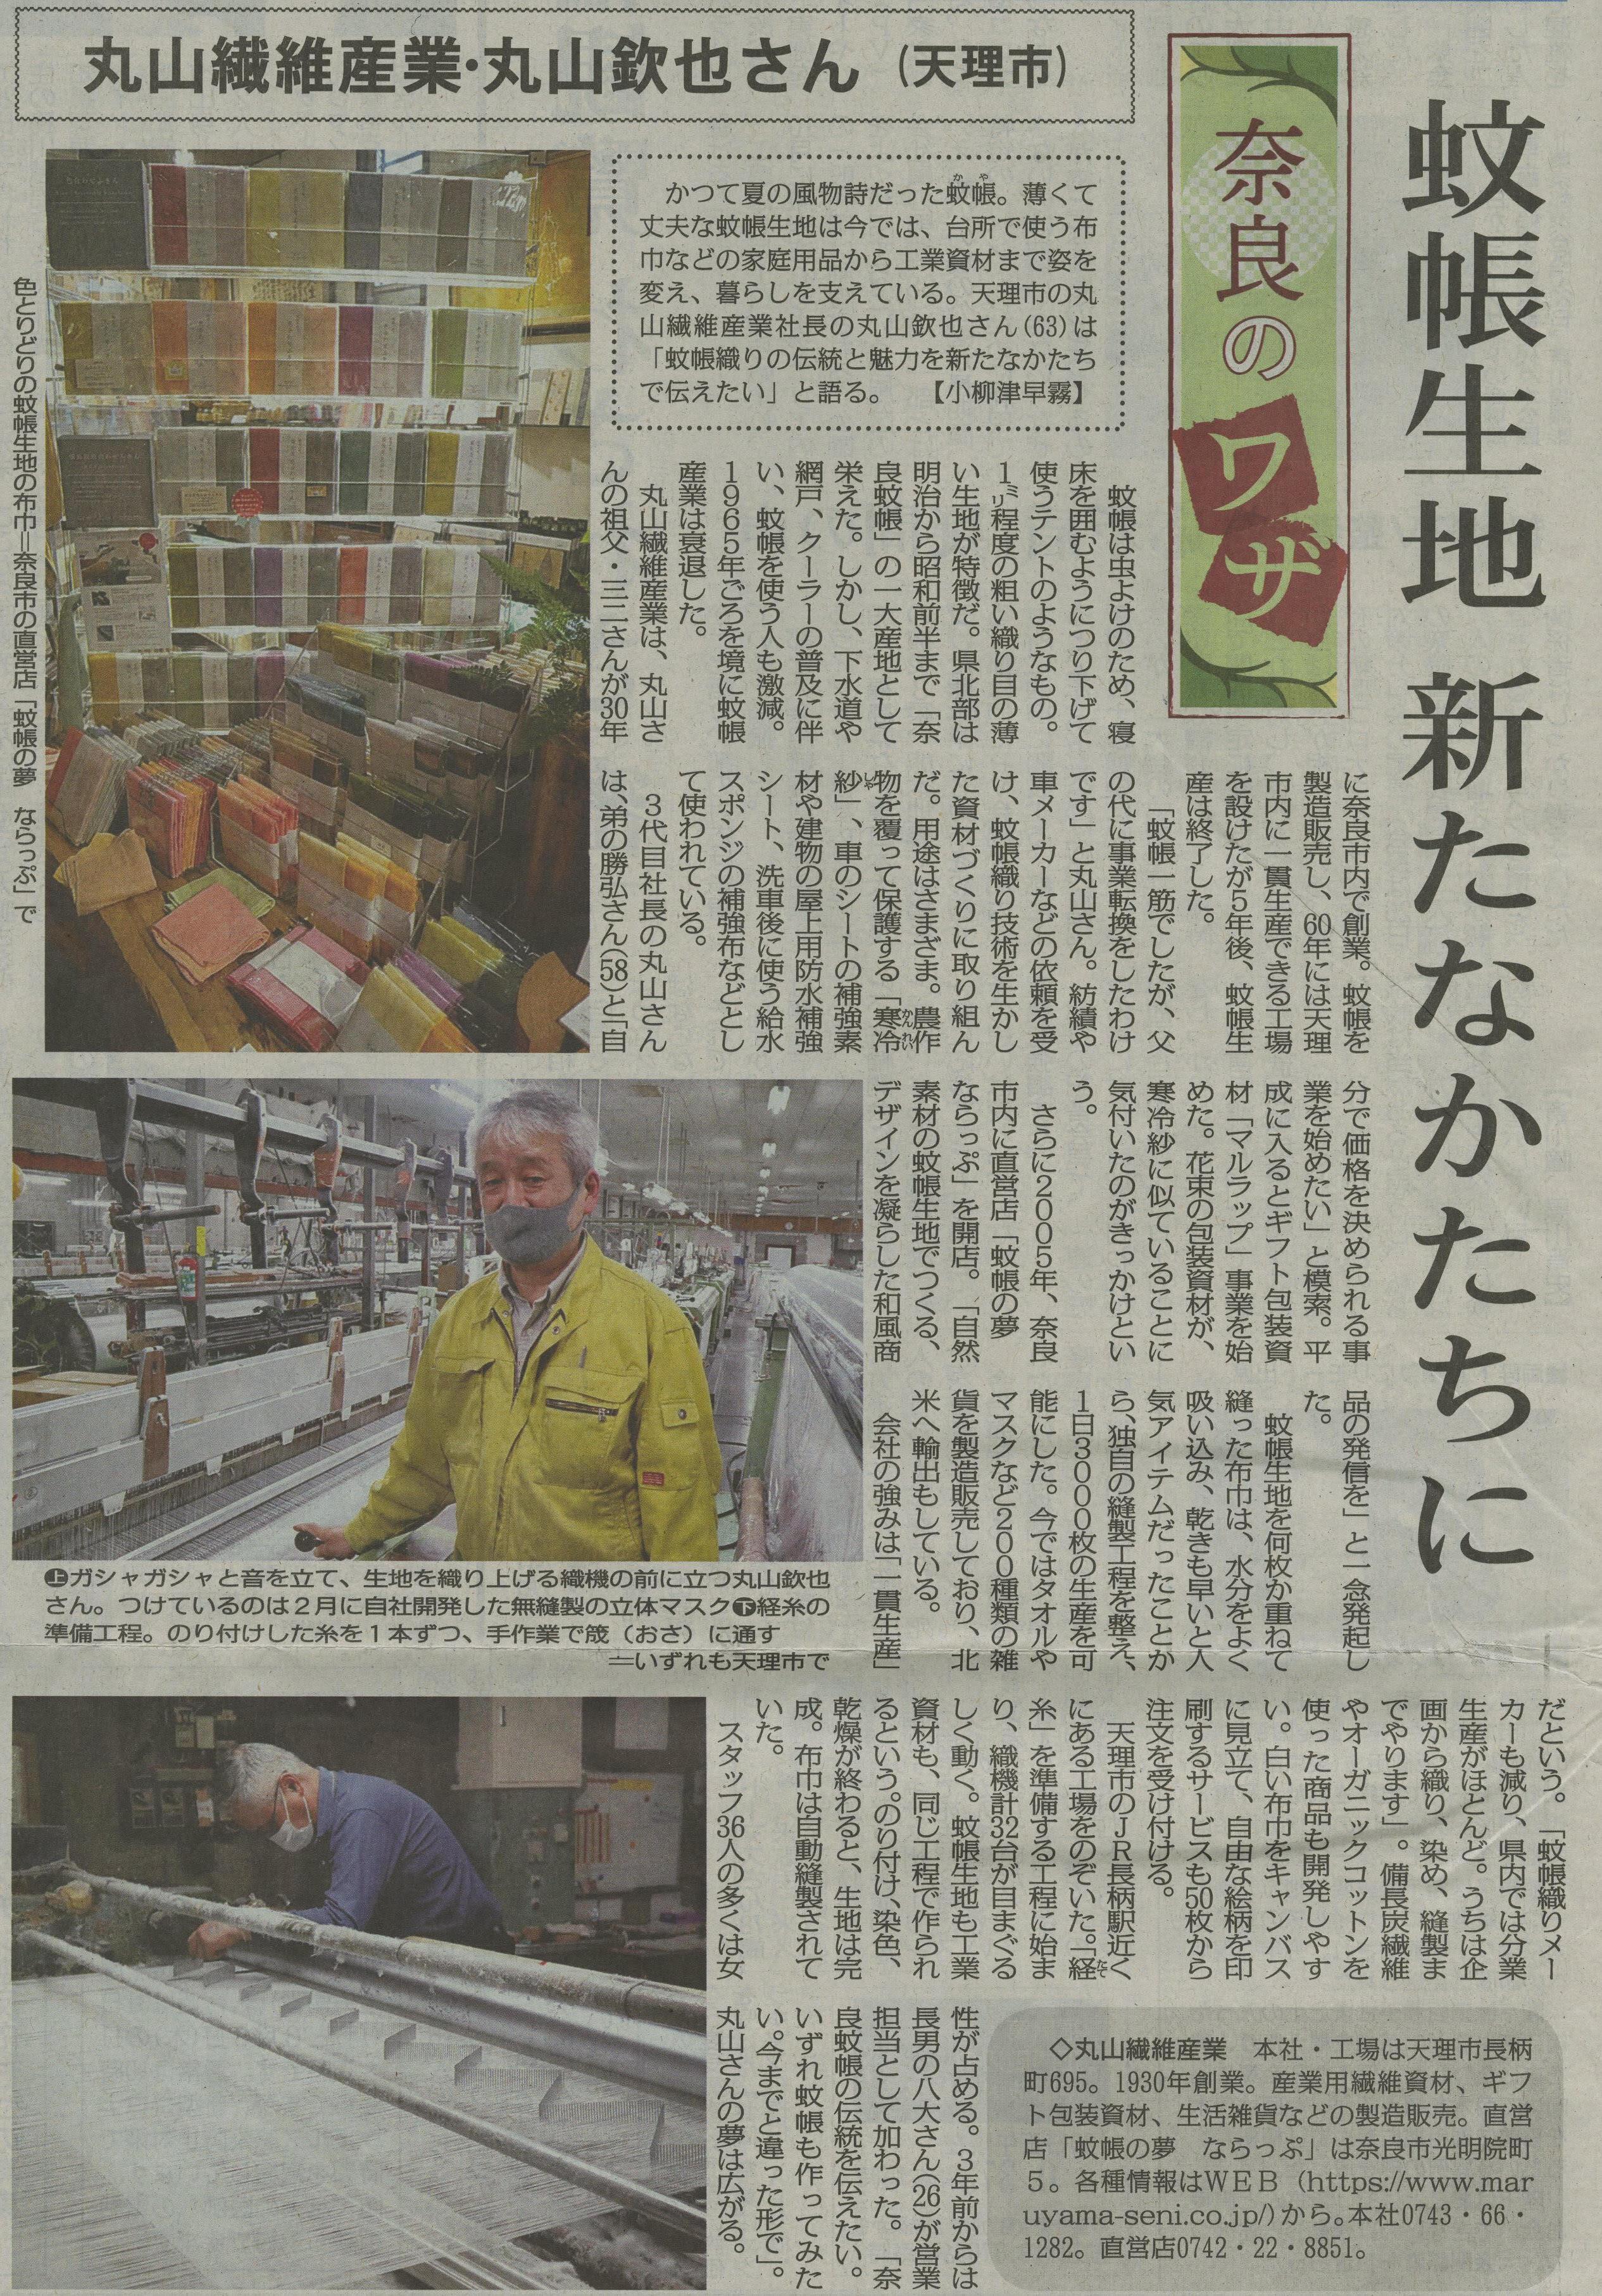 https://www.maruyama-seni.co.jp/information/1d0be1076528f023de60743e33205304446cec6d.jpg